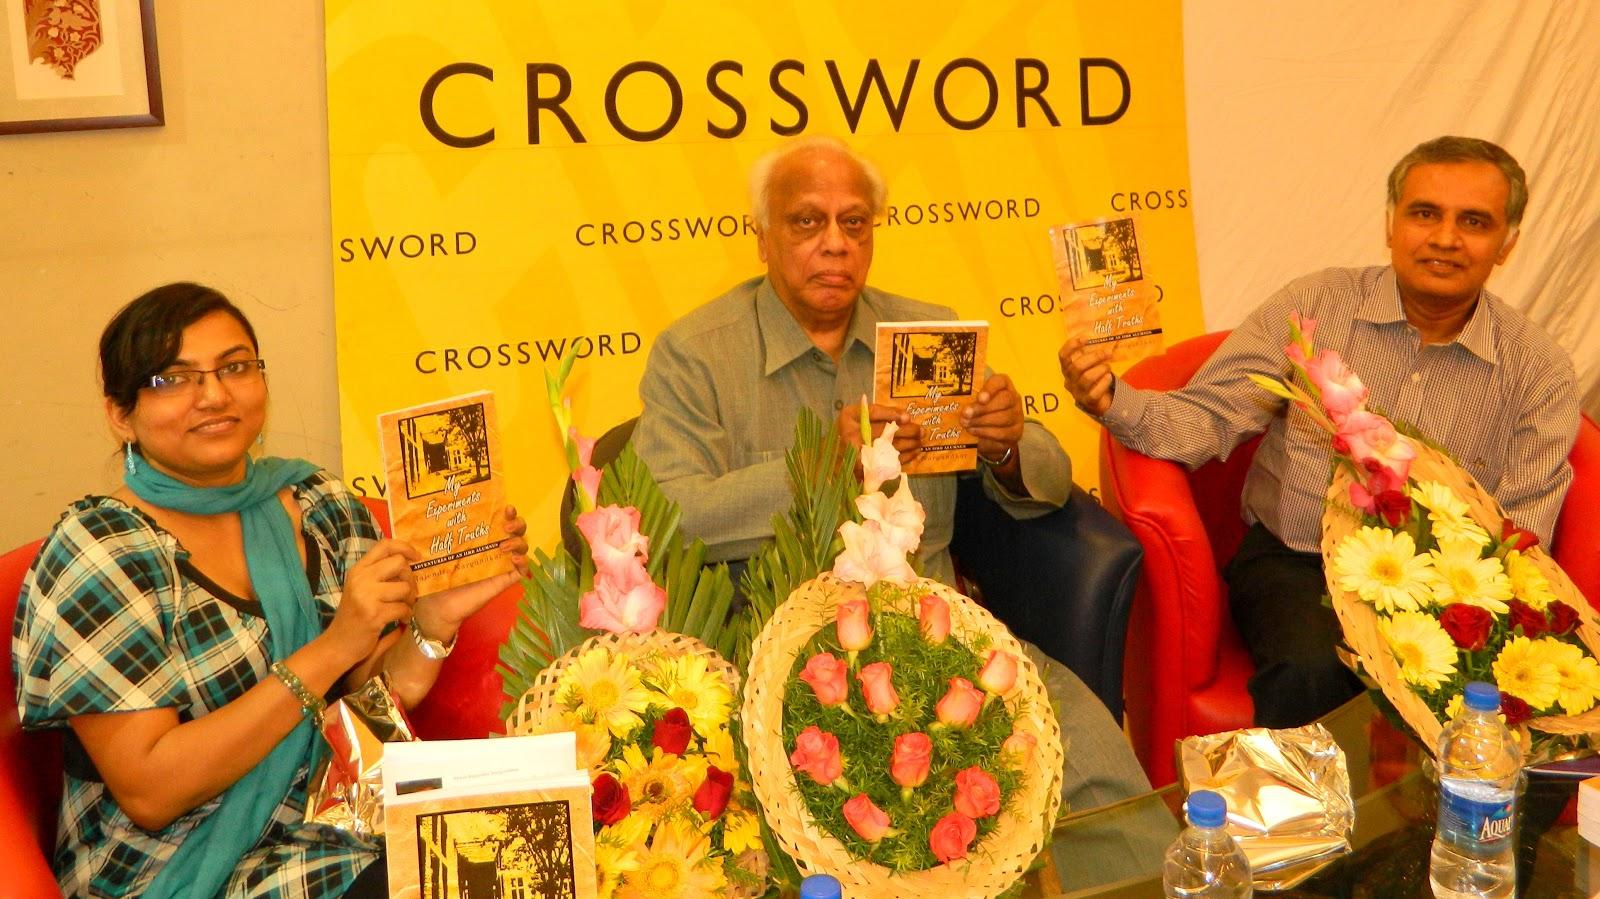 sharu rangnekar Rangnekar, sharu hkura, dinea laxman, r k viveka mehetre (2010)  menejamena  rte kh akya tamr patn pseth navarsajana pablike ana.